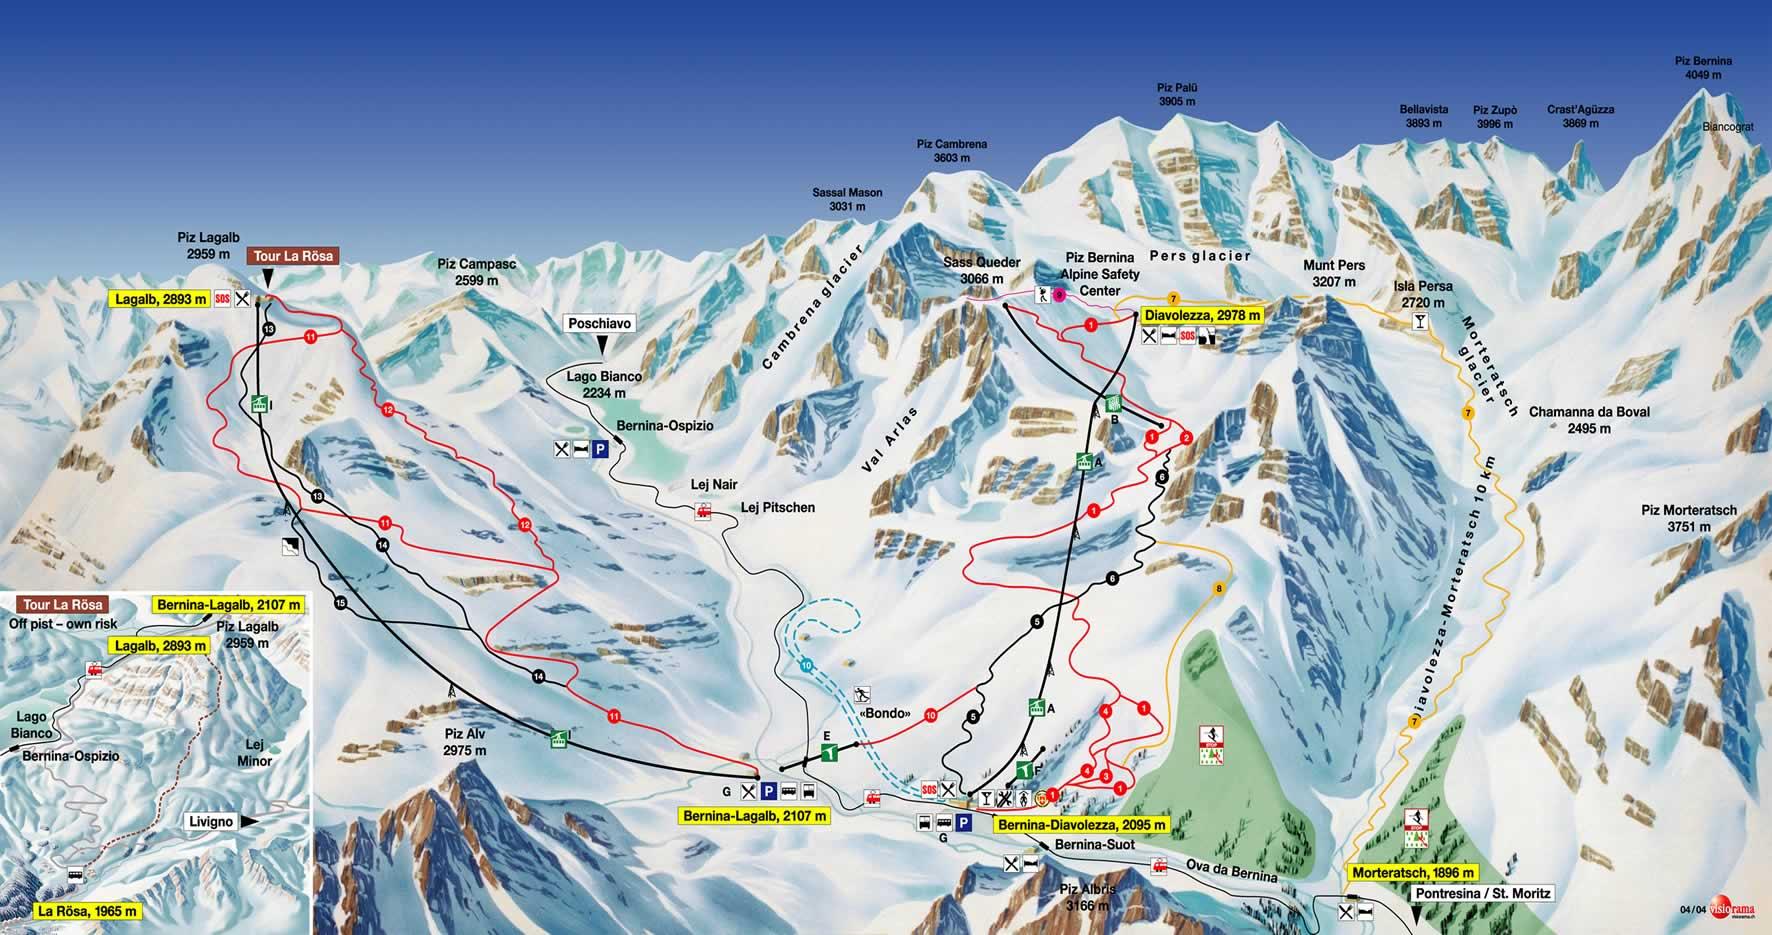 st_moritz_pontresenia_ski_area_trail_map